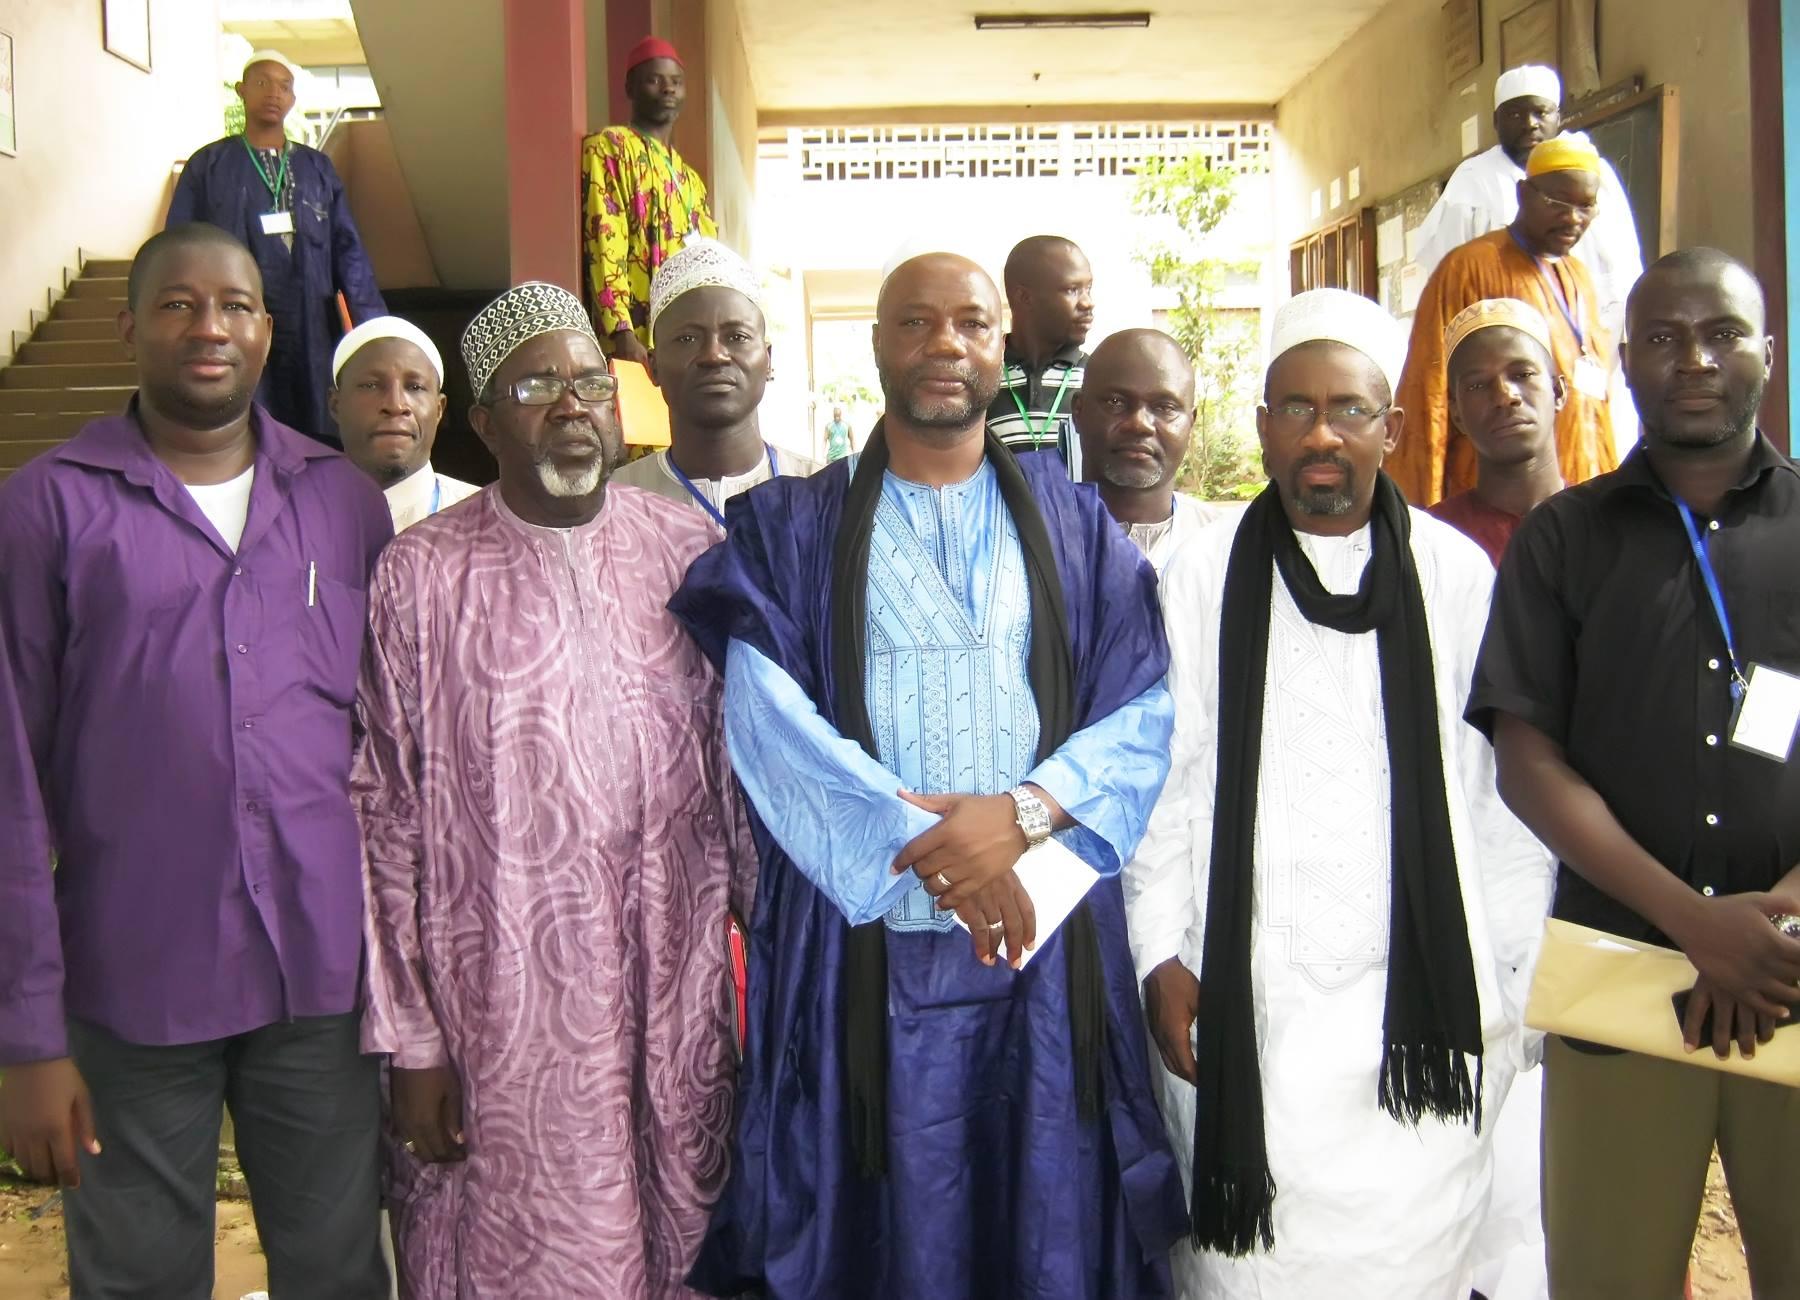 L'OEECI organise un Séminaire de renforcement de capacité administrative de ses enseignants au lycée municipal d'Attecoubé (Abidjan)